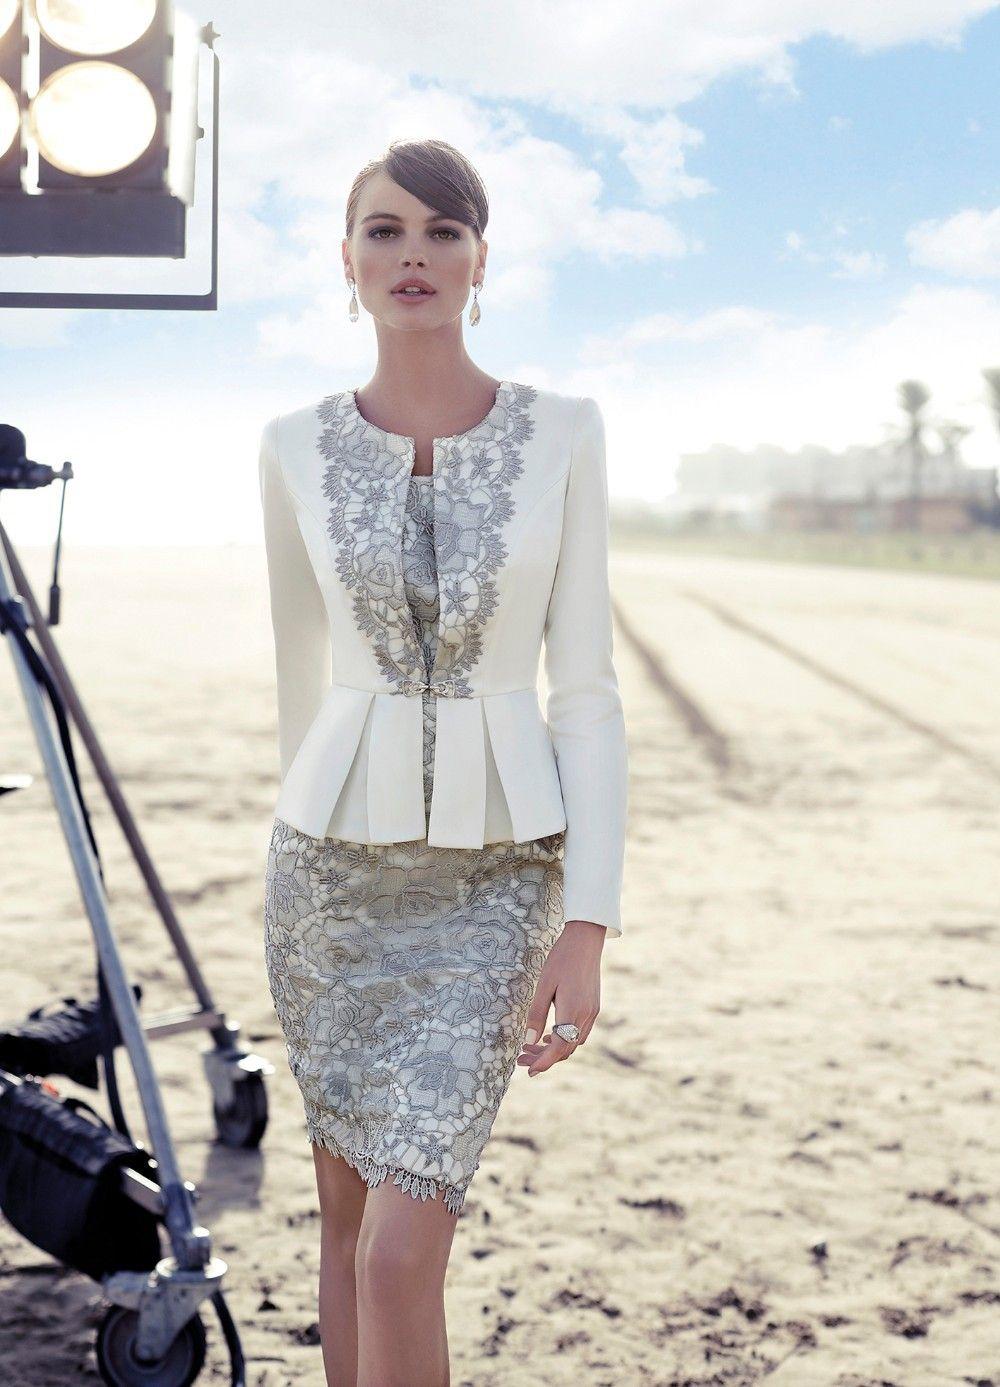 Veste avec robe dentelle blanche